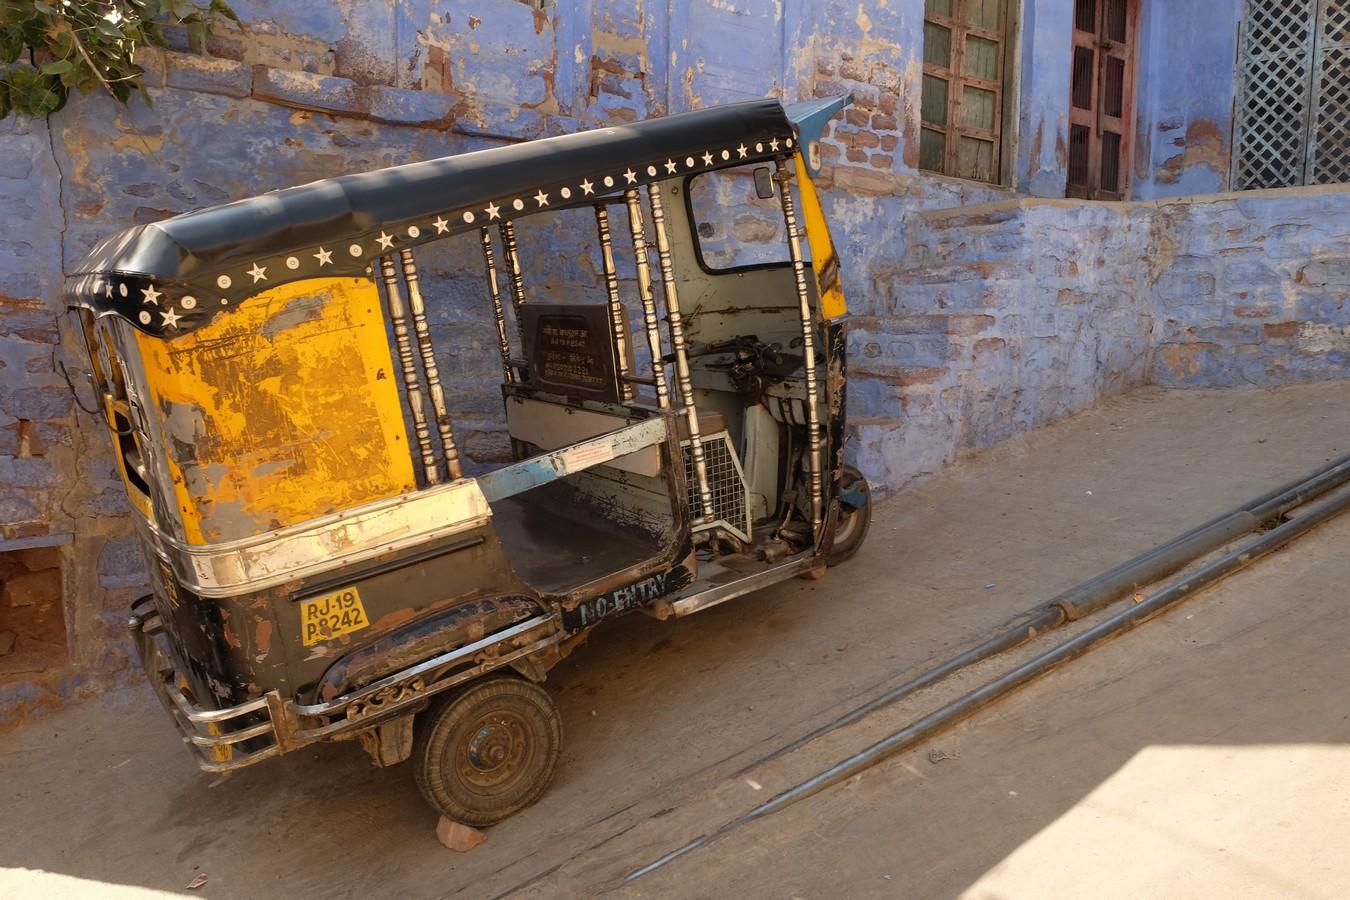 un rickshaw dans les rues bleues de Jodhpur